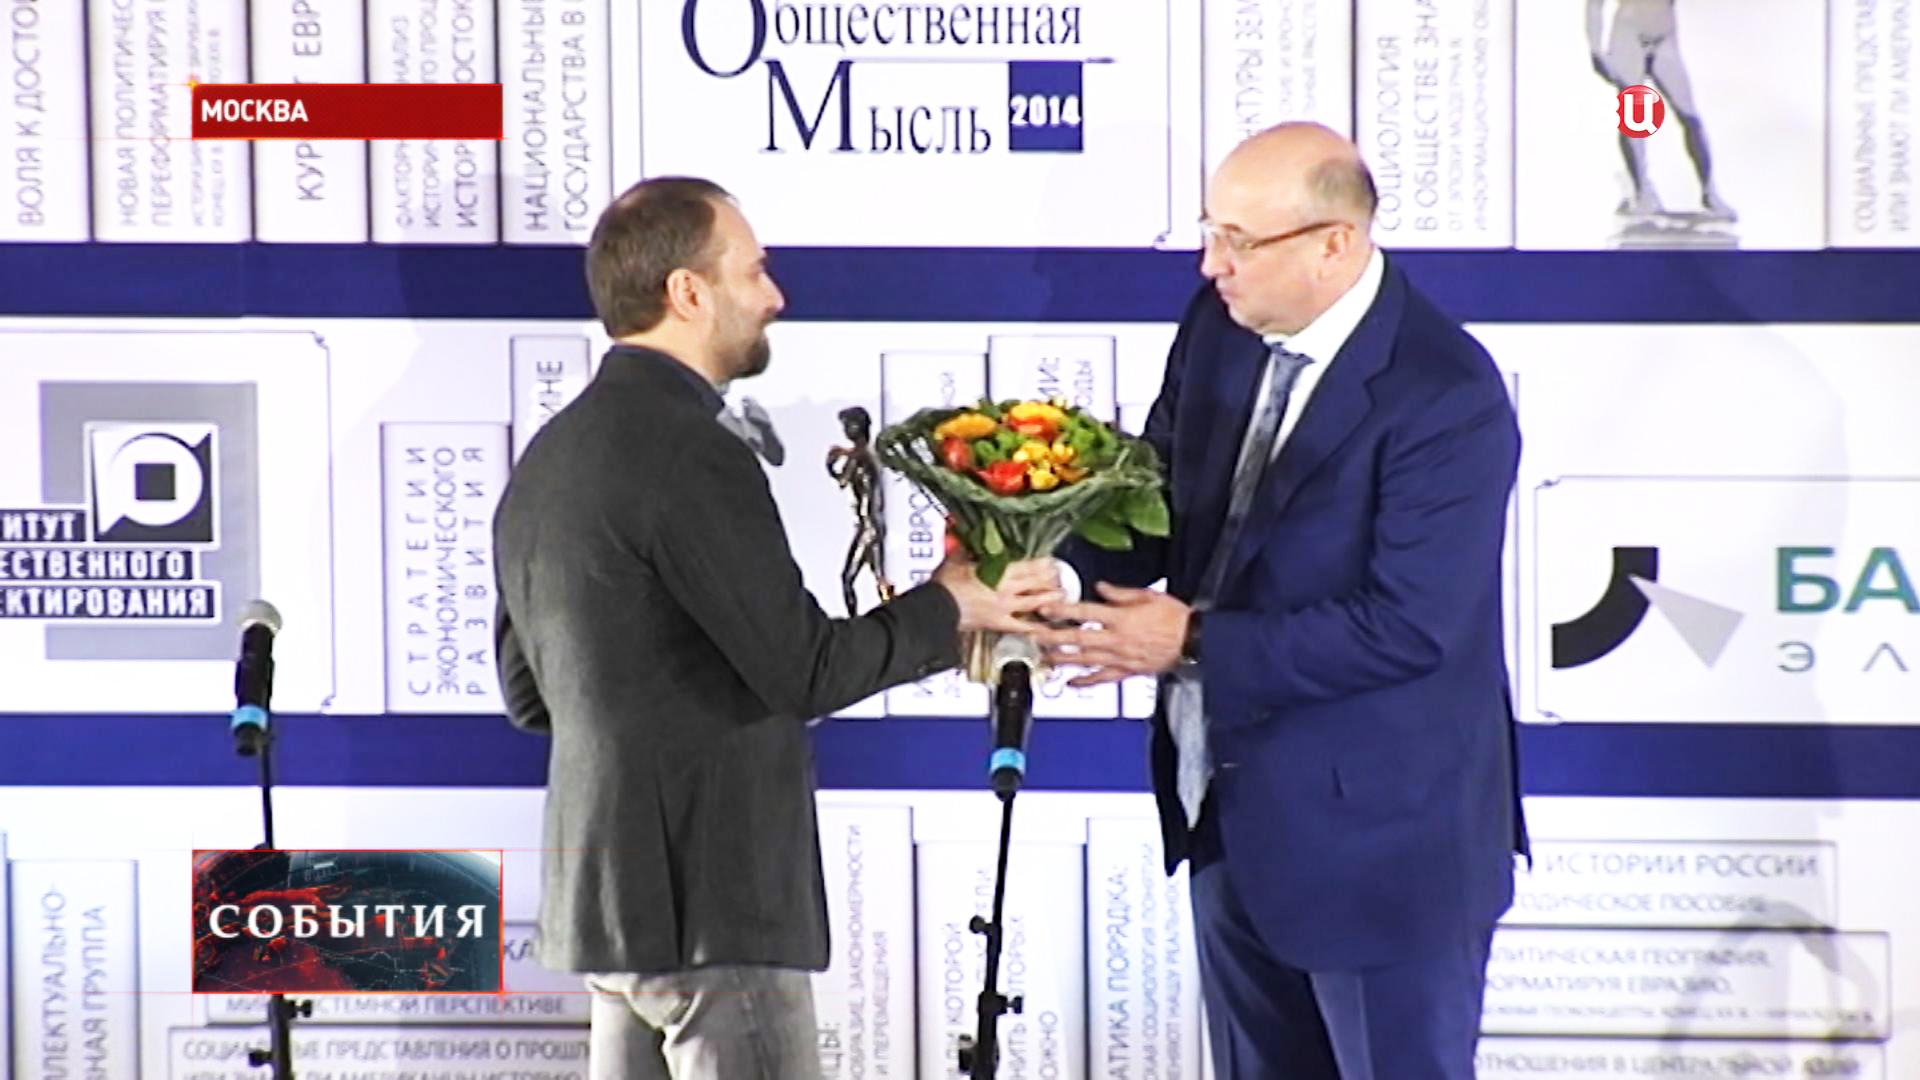 """Награждение победителей всероссийской премии """"Общественная мысль"""""""